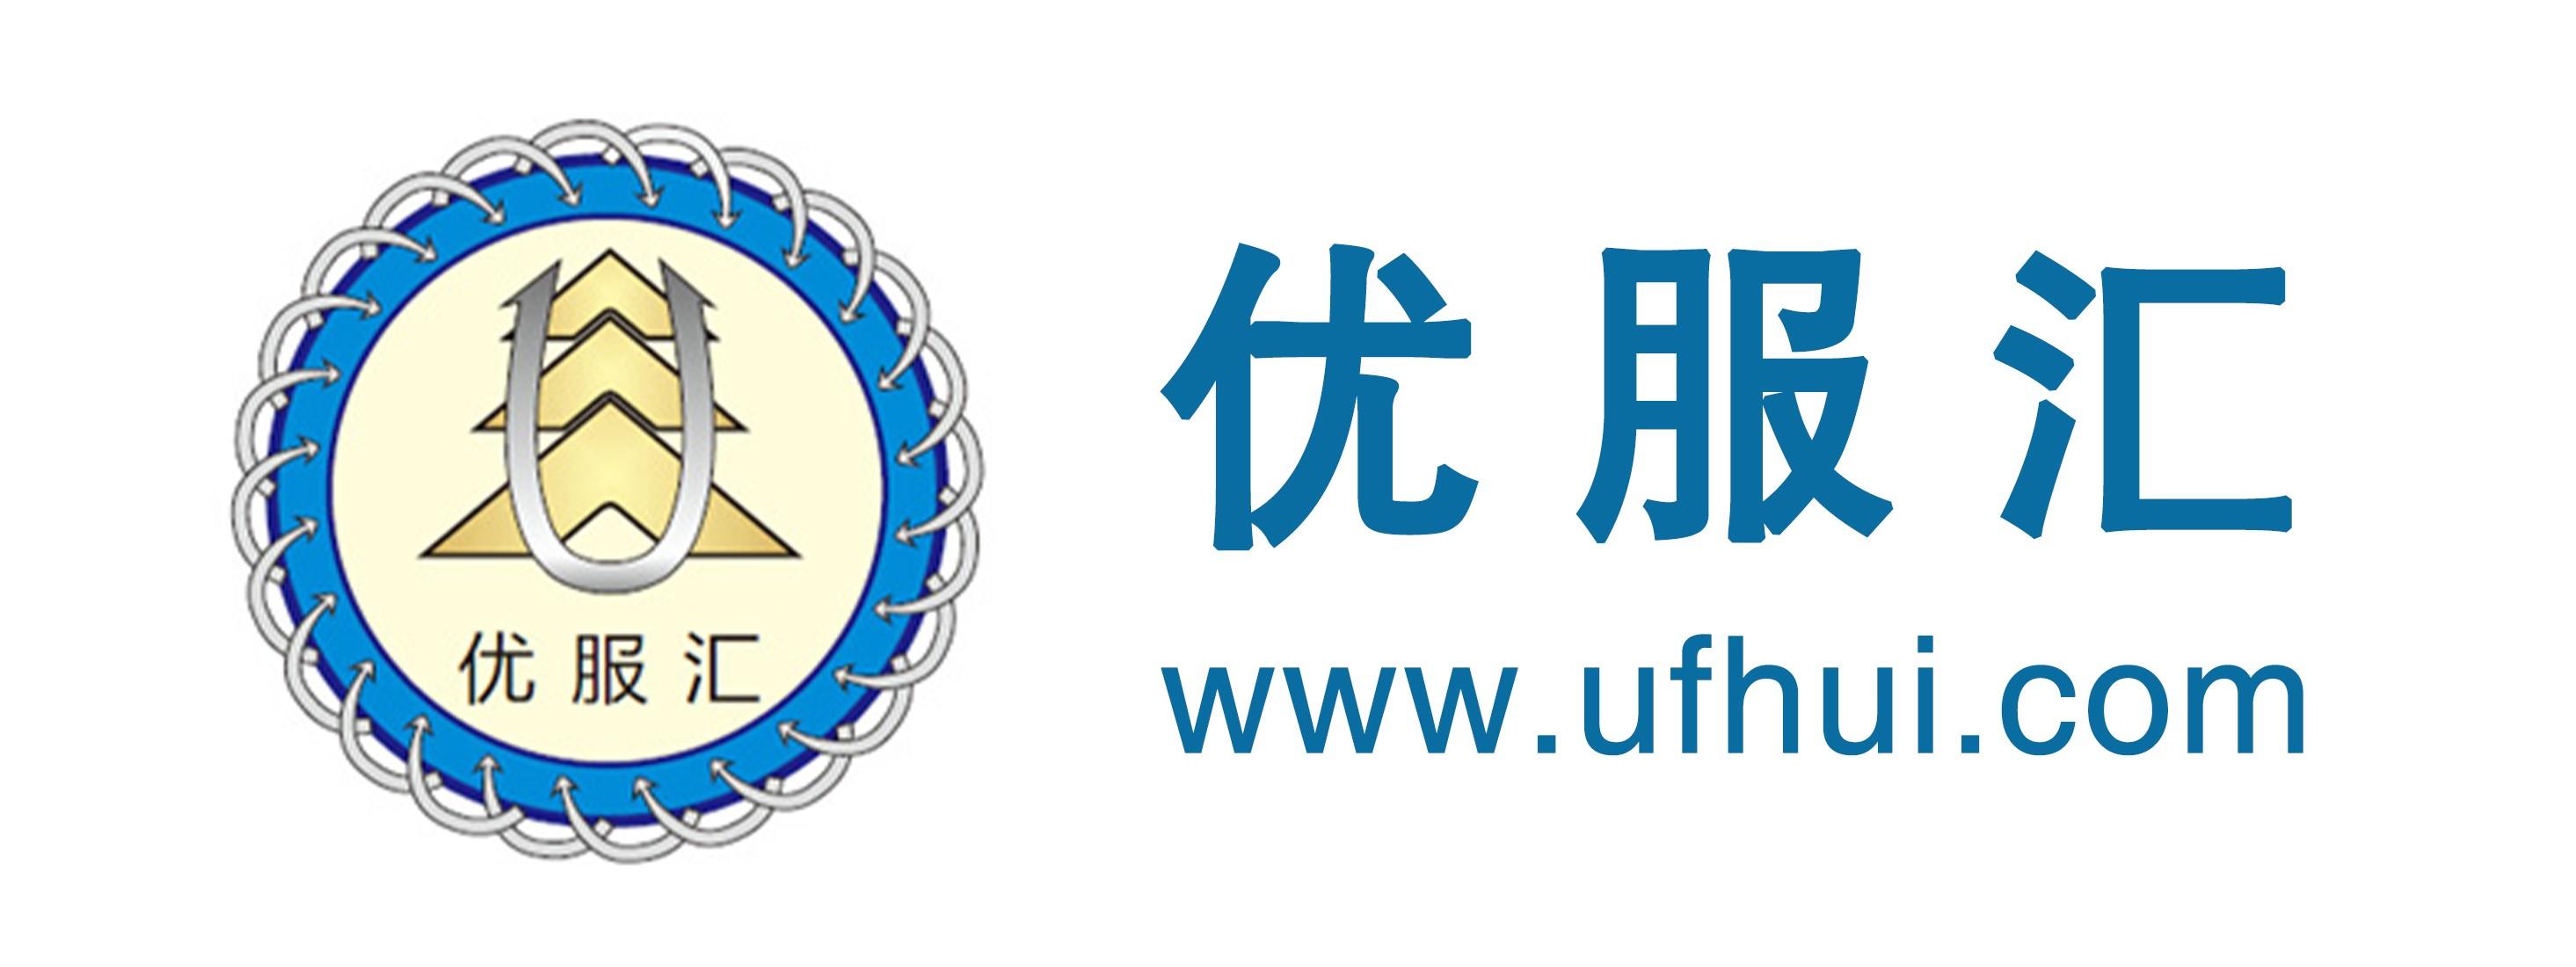 湖北雷竞技网页科技信息有限公司